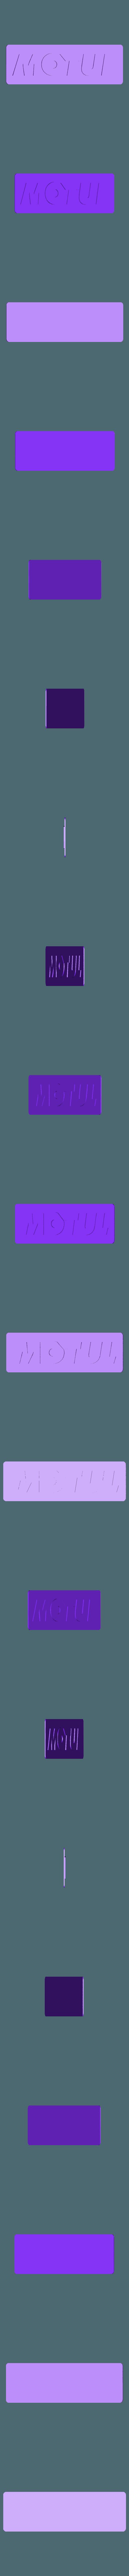 Motul.stl Télécharger fichier STL gratuit plaque motul • Plan pour imprimante 3D, fantibus14